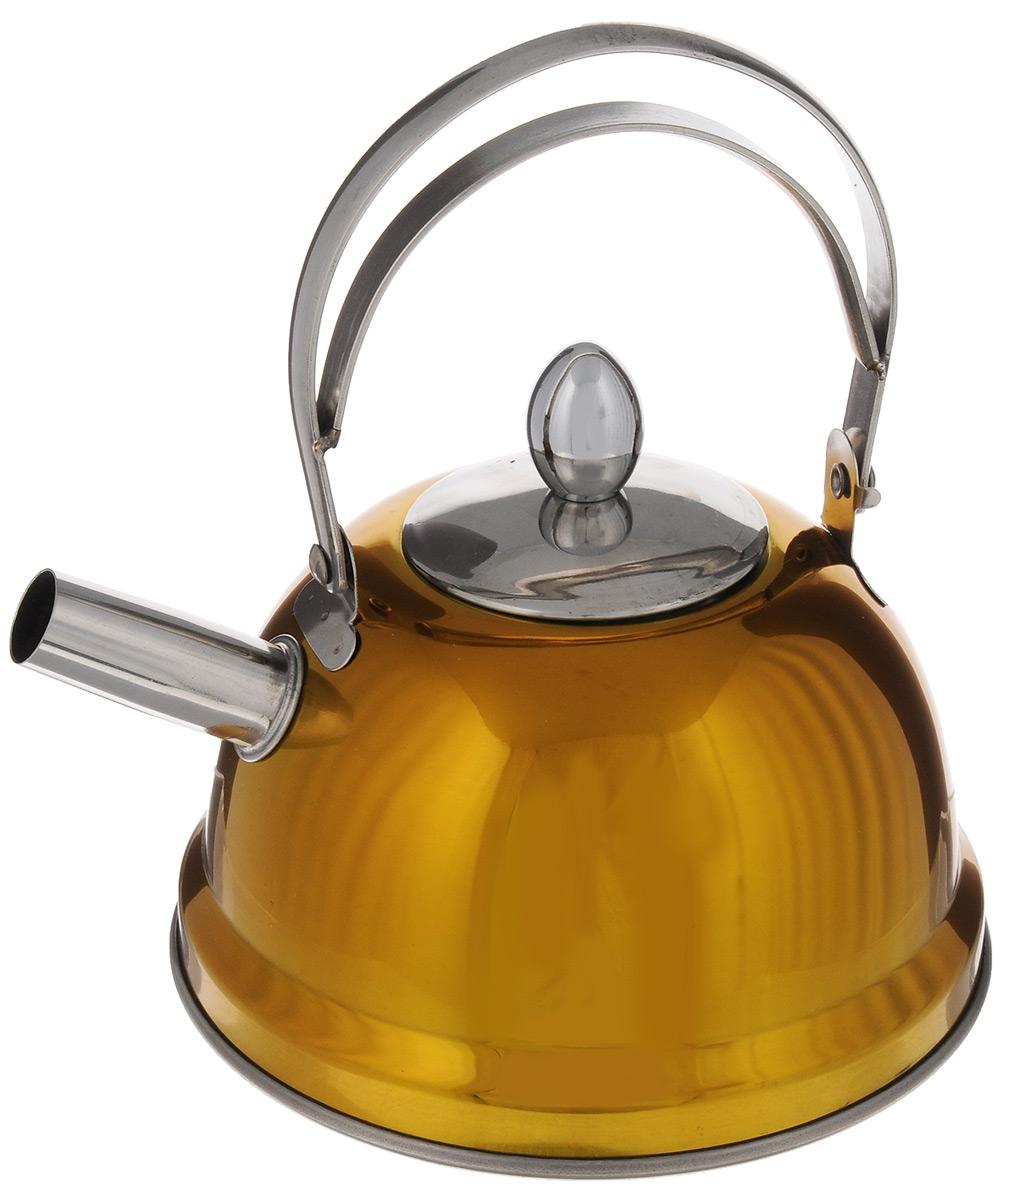 Чайник заварочный Bekker De Luxe, с ситечком, цвет: желтый, 0,8 л. BK-S430BK-S430_ желтыйЧайник Bekker De Luxe выполнен из высококачественной нержавеющей стали, что обеспечивает долговечность использования. Внешнее цветное зеркальное покрытие придает приятный внешний вид. Капсулированное дно распределяет тепло по всей поверхности, что позволяет чайнику быстро закипать. Эргономичная подвижная ручка выполнена из нержавеющей стали. Чайник снабжен ситечком для заваривания. Можно мыть в посудомоечной машине. Пригоден для всех видов плит, включая индукционные.Диаметр (по верхнему краю): 5 см.Высота чайника (без учета крышки и ручки): 8 см.Высота чайника (с учетом ручки): 17,5 см.Диаметр основания: 14 см. Толщина стенки: 0,5 мм.Высота ситечка: 5,5 см.